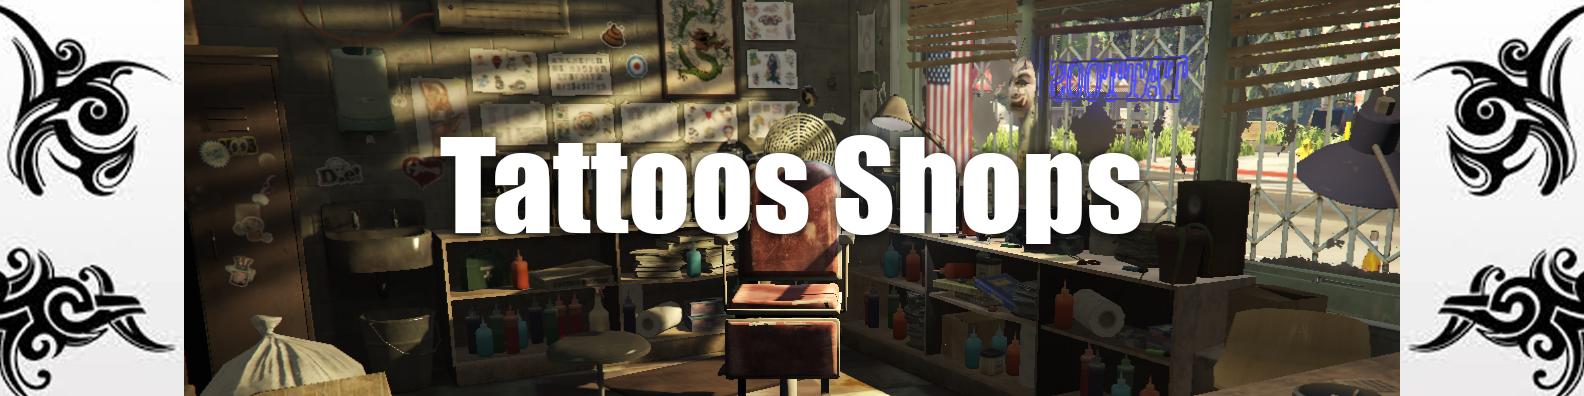 Release] [ESX] Tattoos Shops - Releases - FiveM